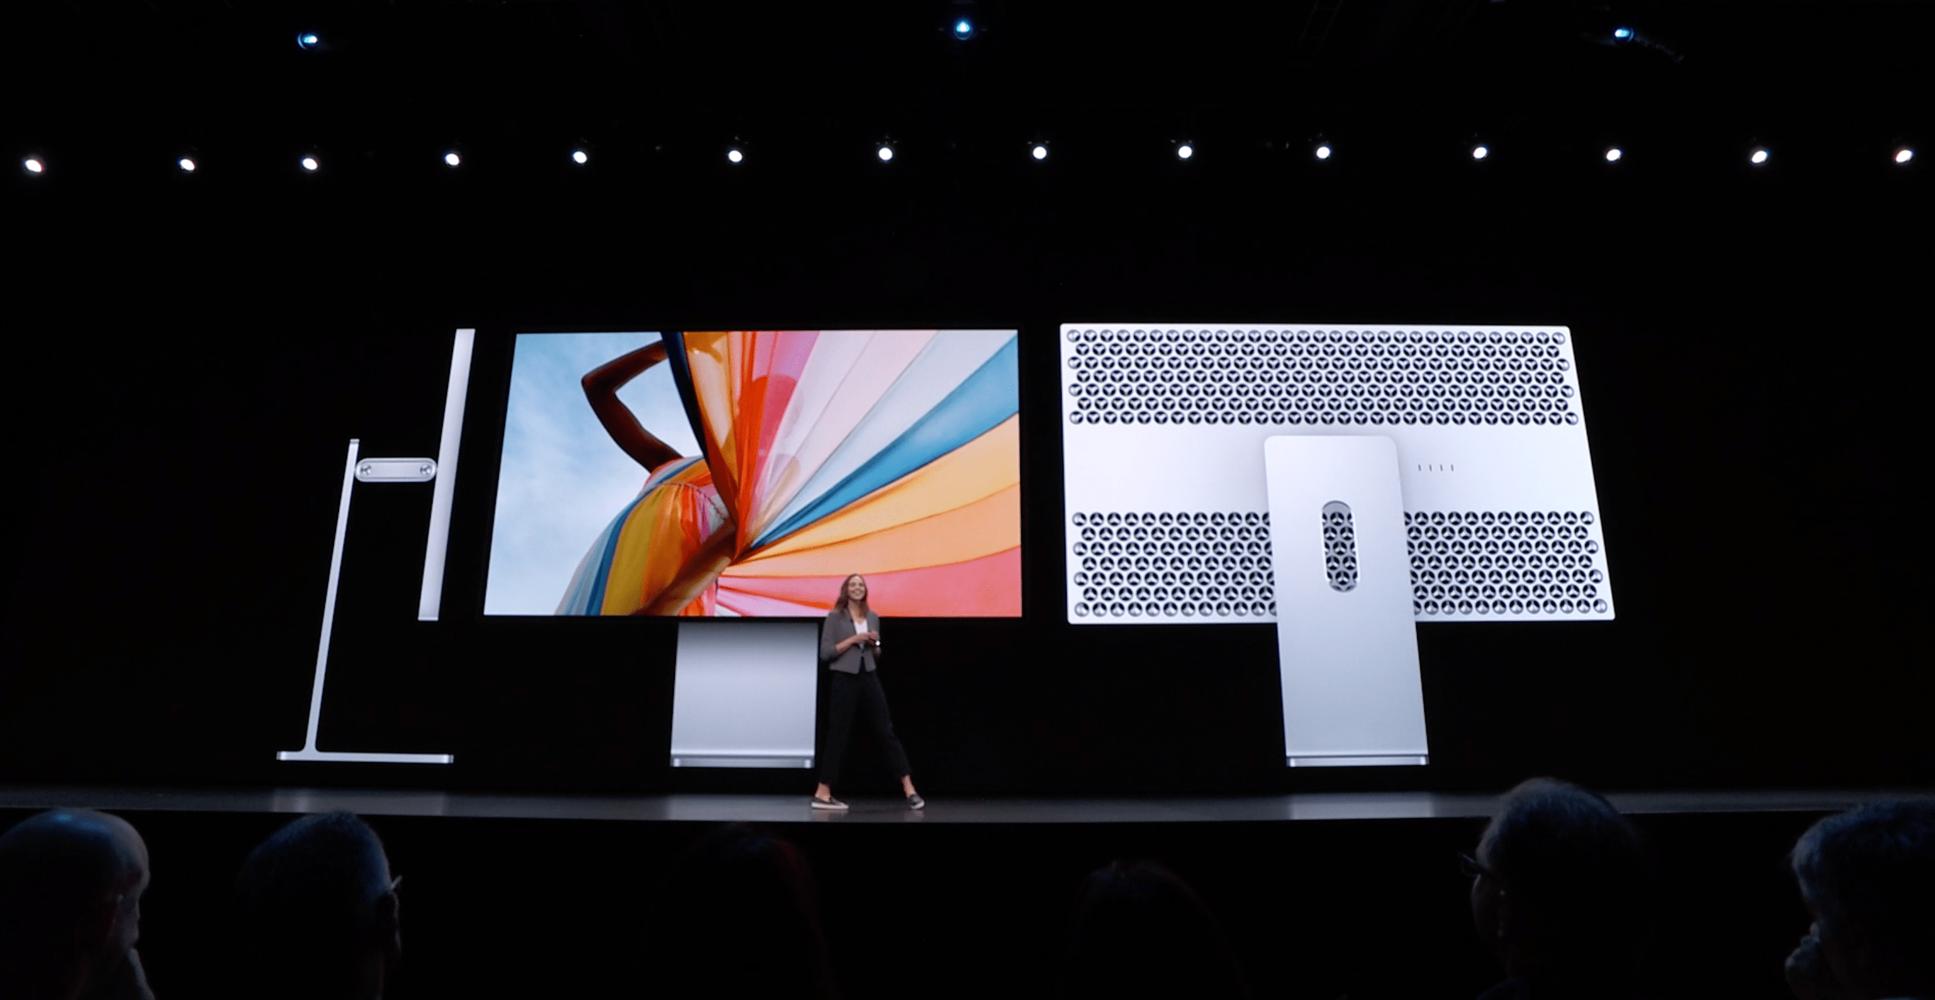 WWDC 2019: Az Apple leleplezett egy 32 hüvelykes 6K-s LCD monitort